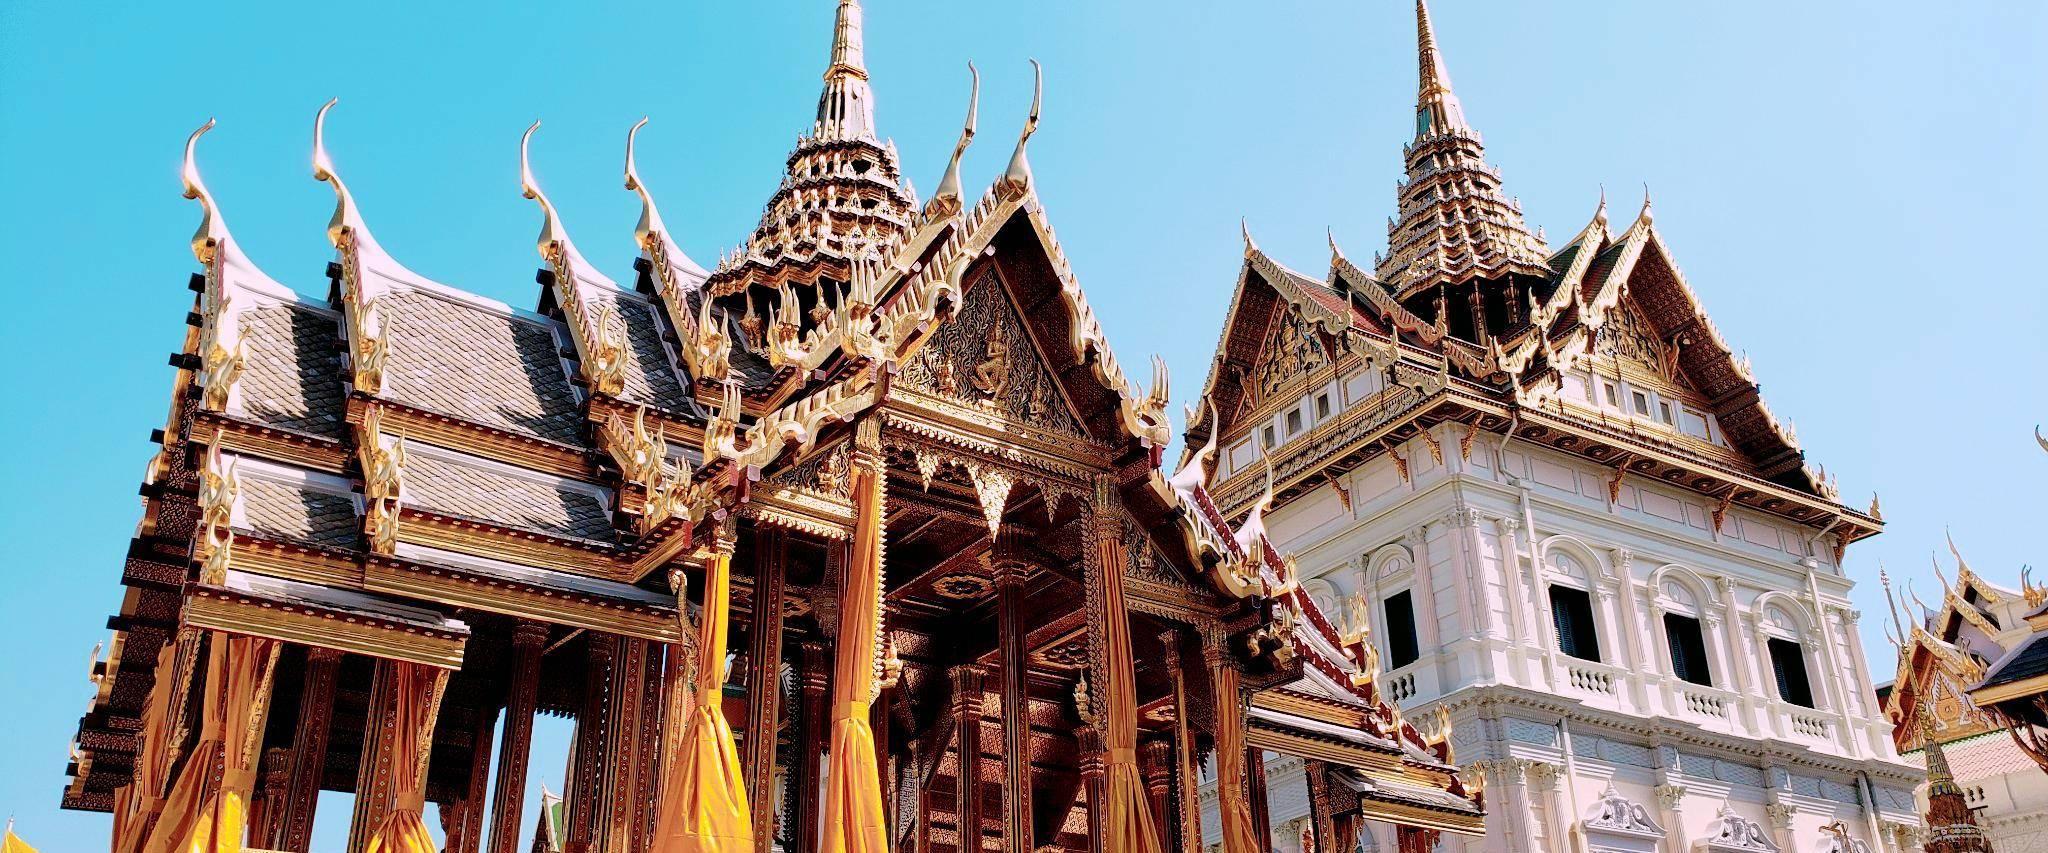 泰国百年建筑,艺术与心灵的震撼,大皇宫应该这样打卡